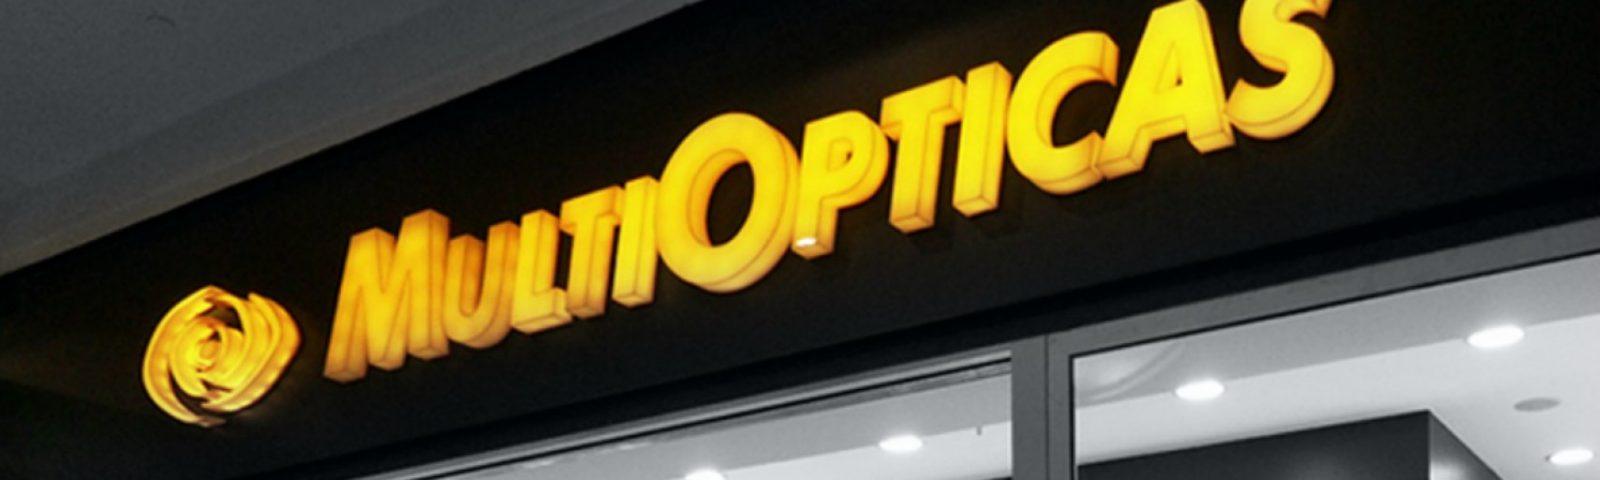 MultiOpticas abre nova loja em Telheiras